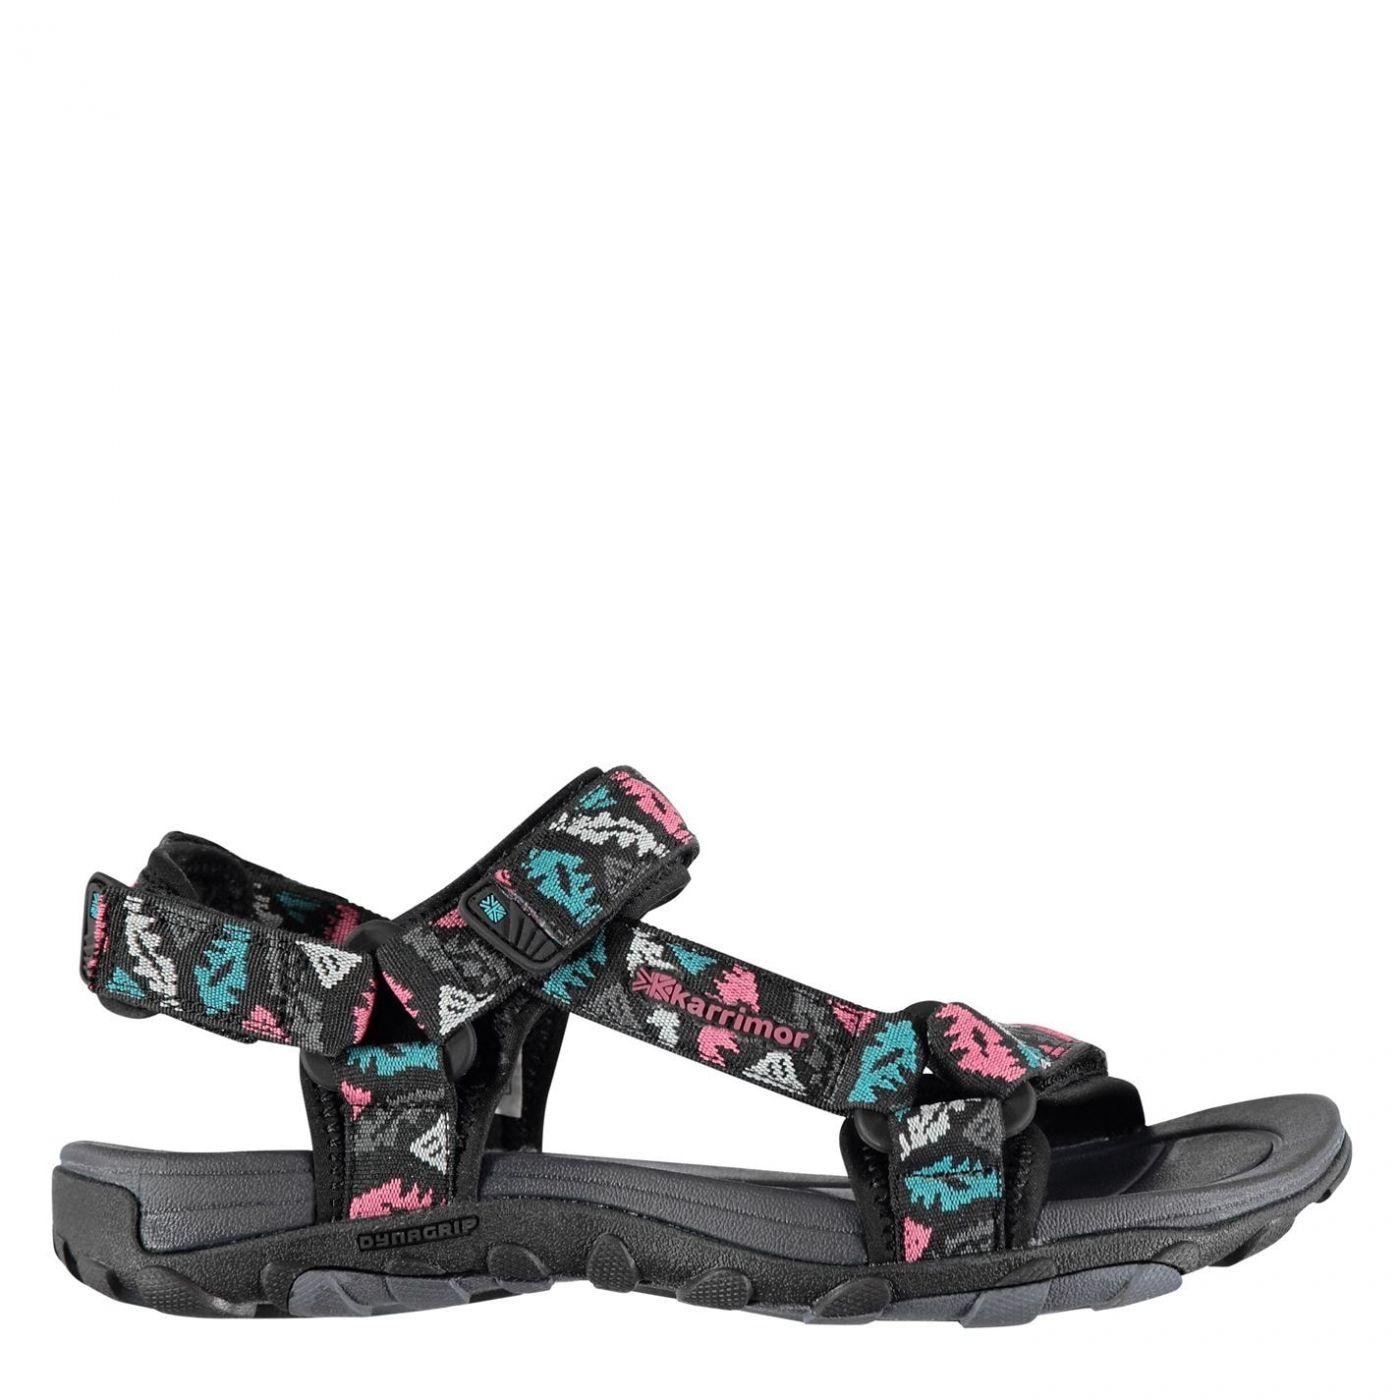 Karrimor Amazon Sandals Ladies